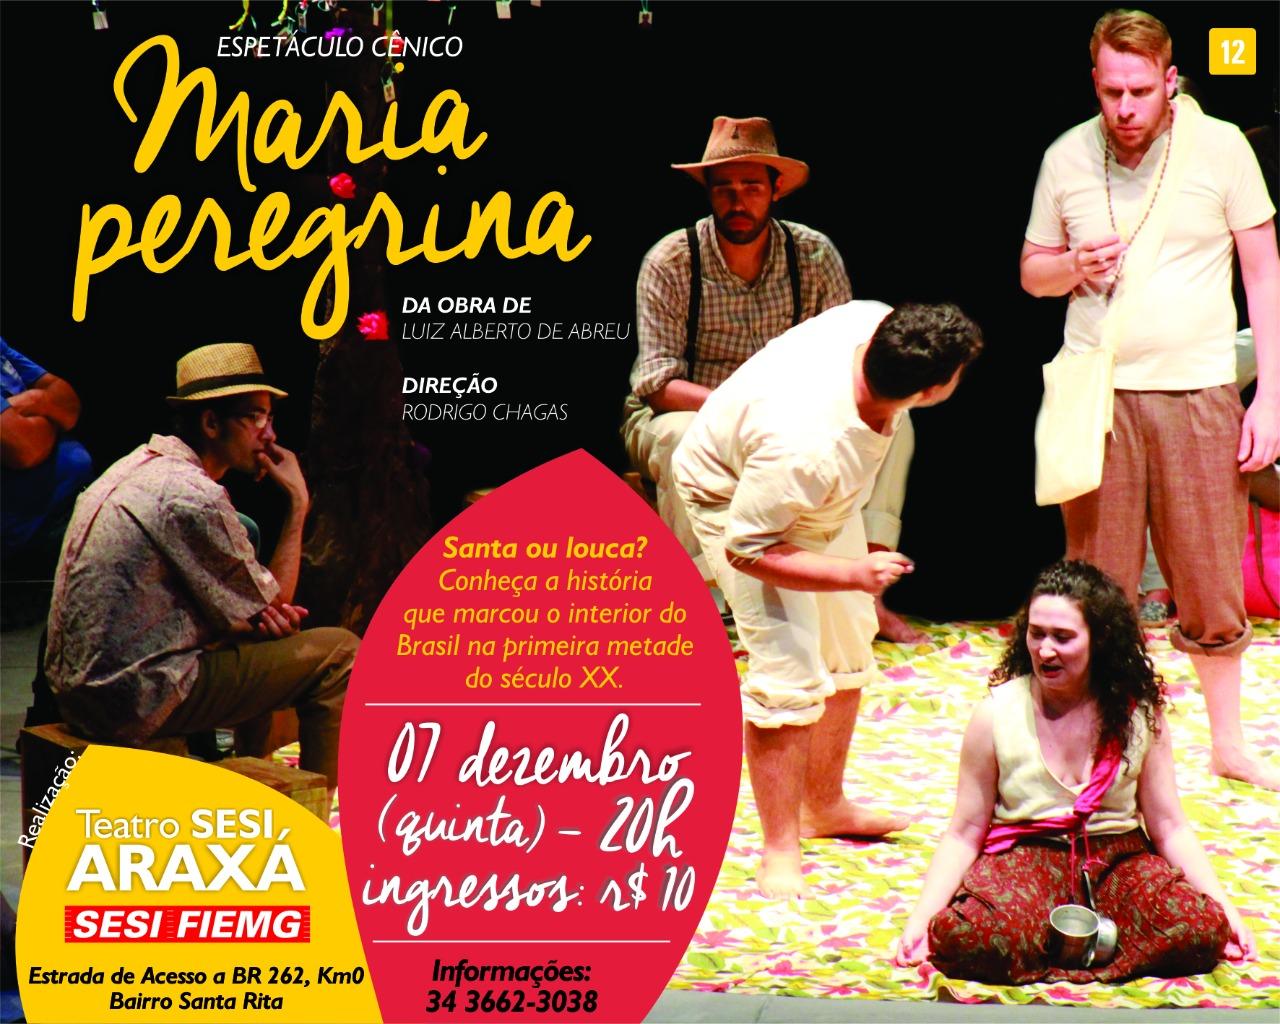 MARIA PEREGRINA – Espetáculo Cênico em ARAXÁ